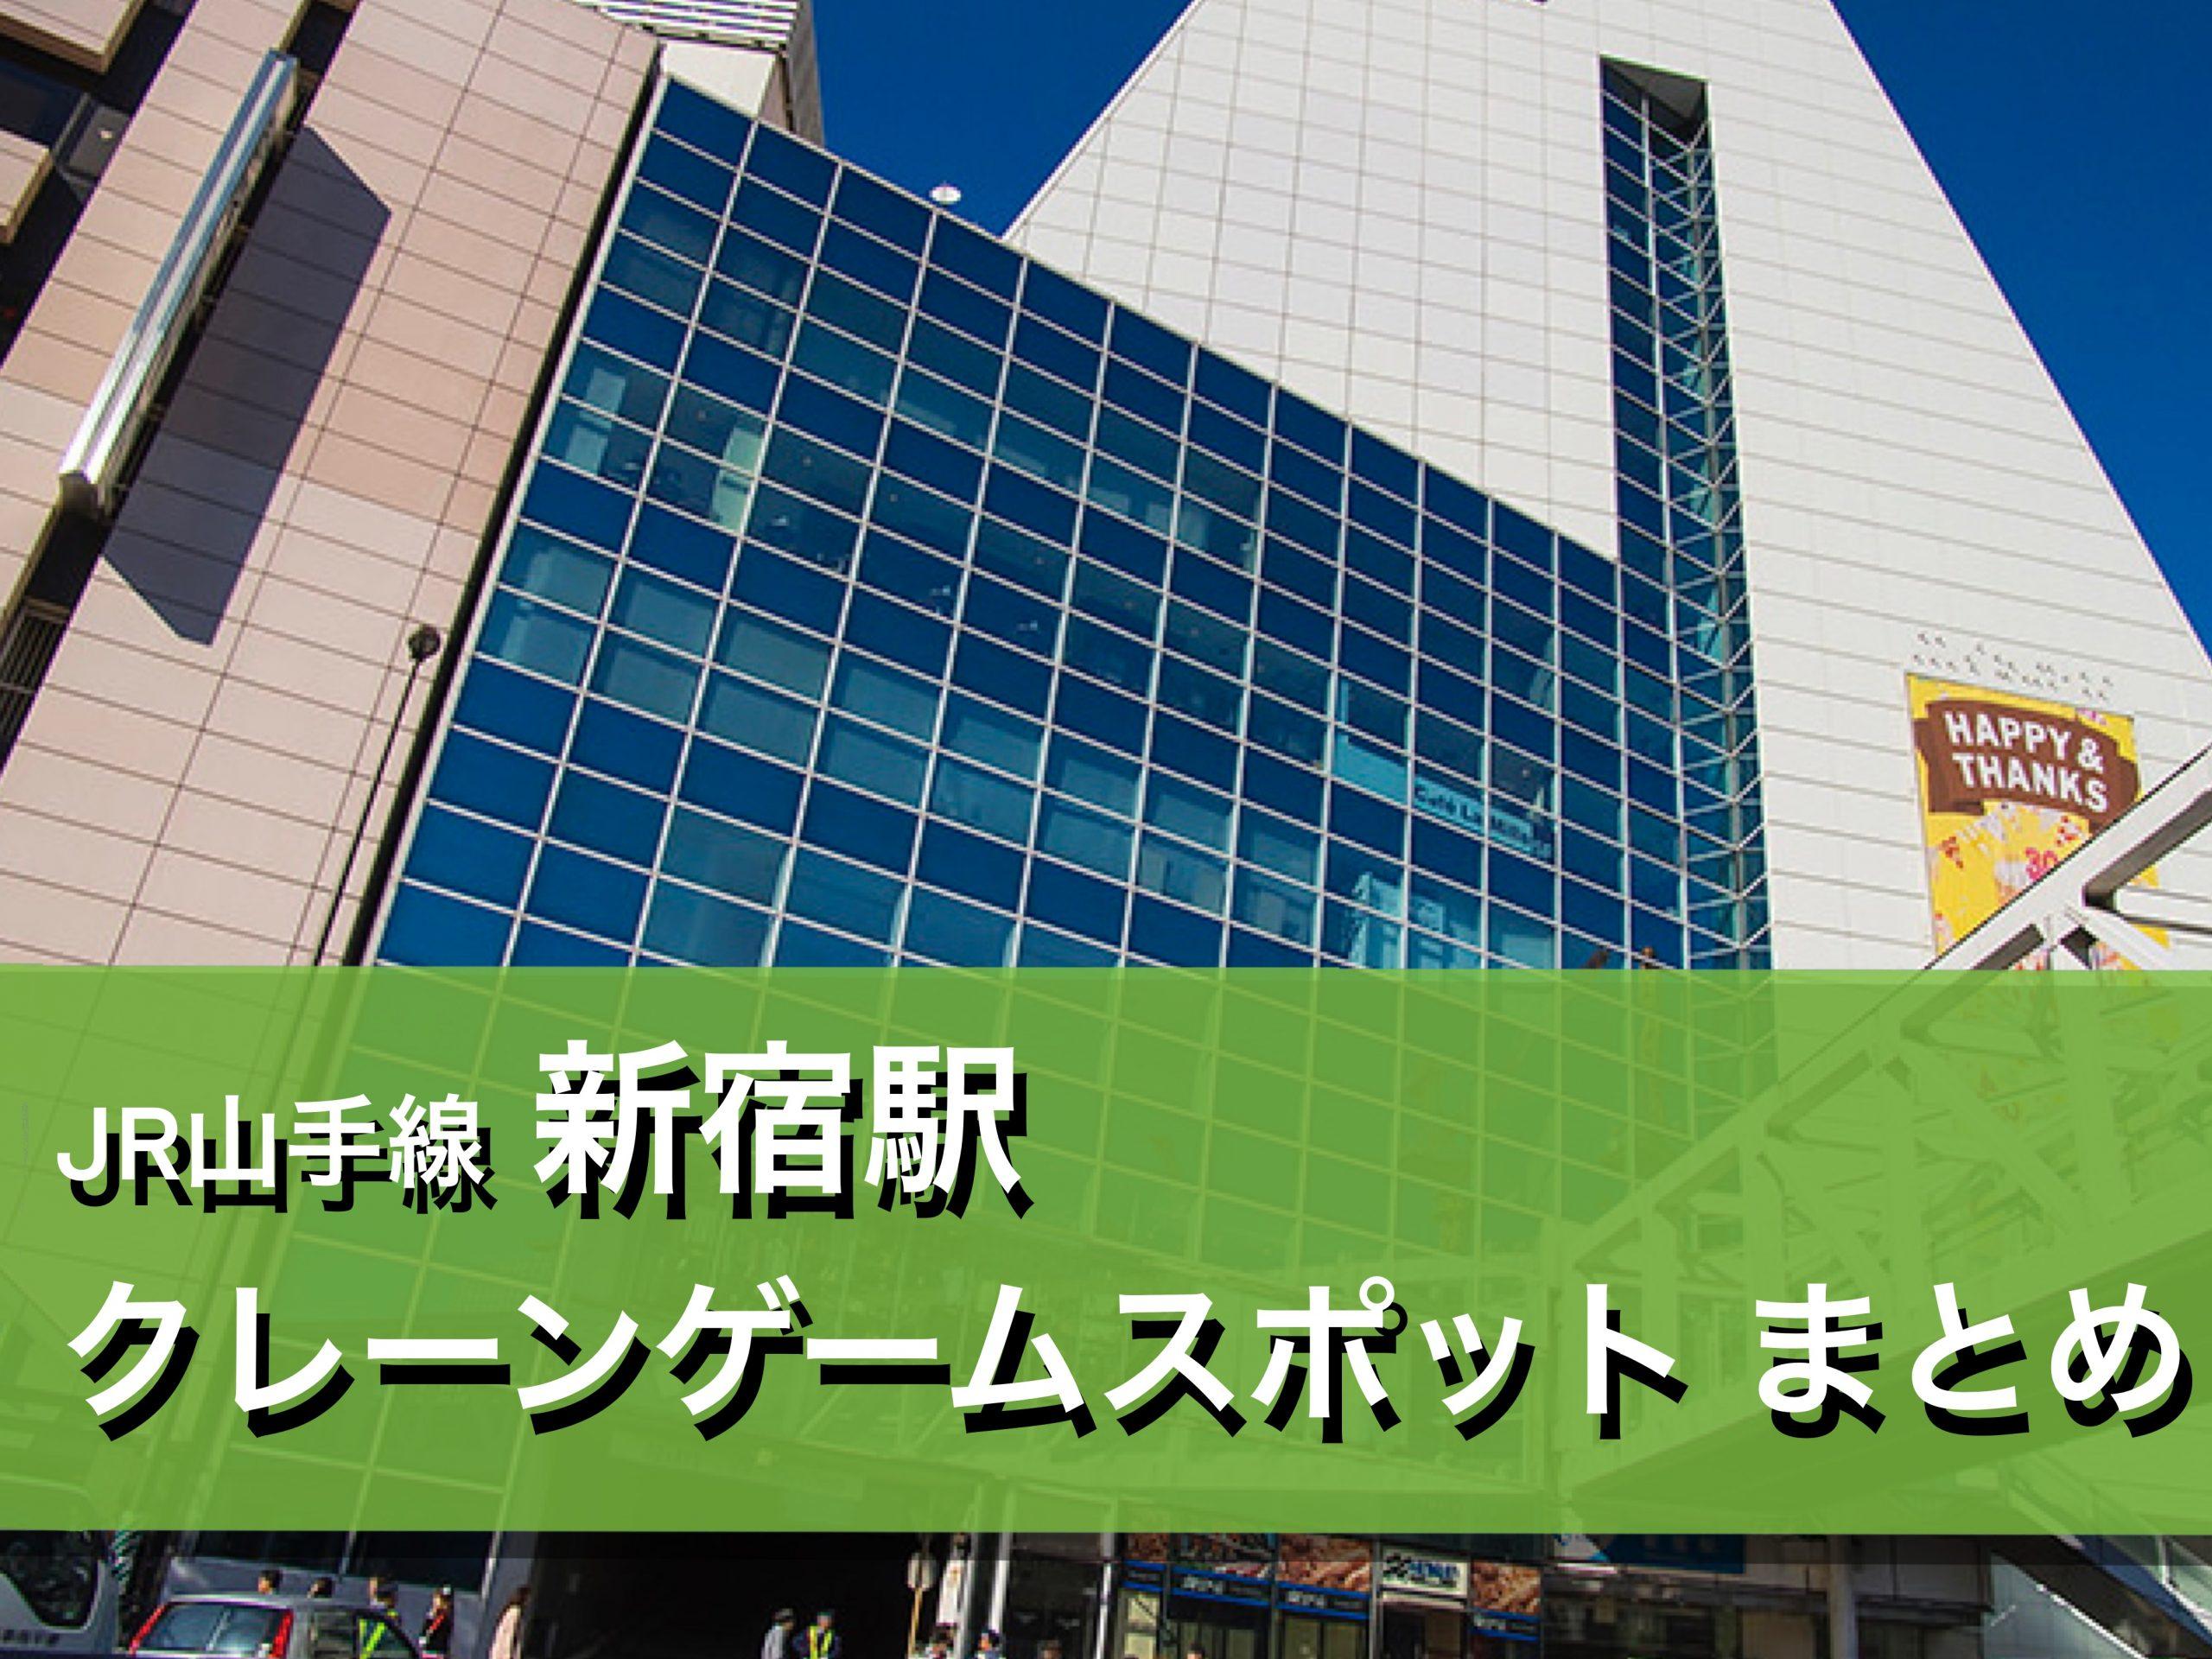 【新宿駅】クレーンゲームができる場所